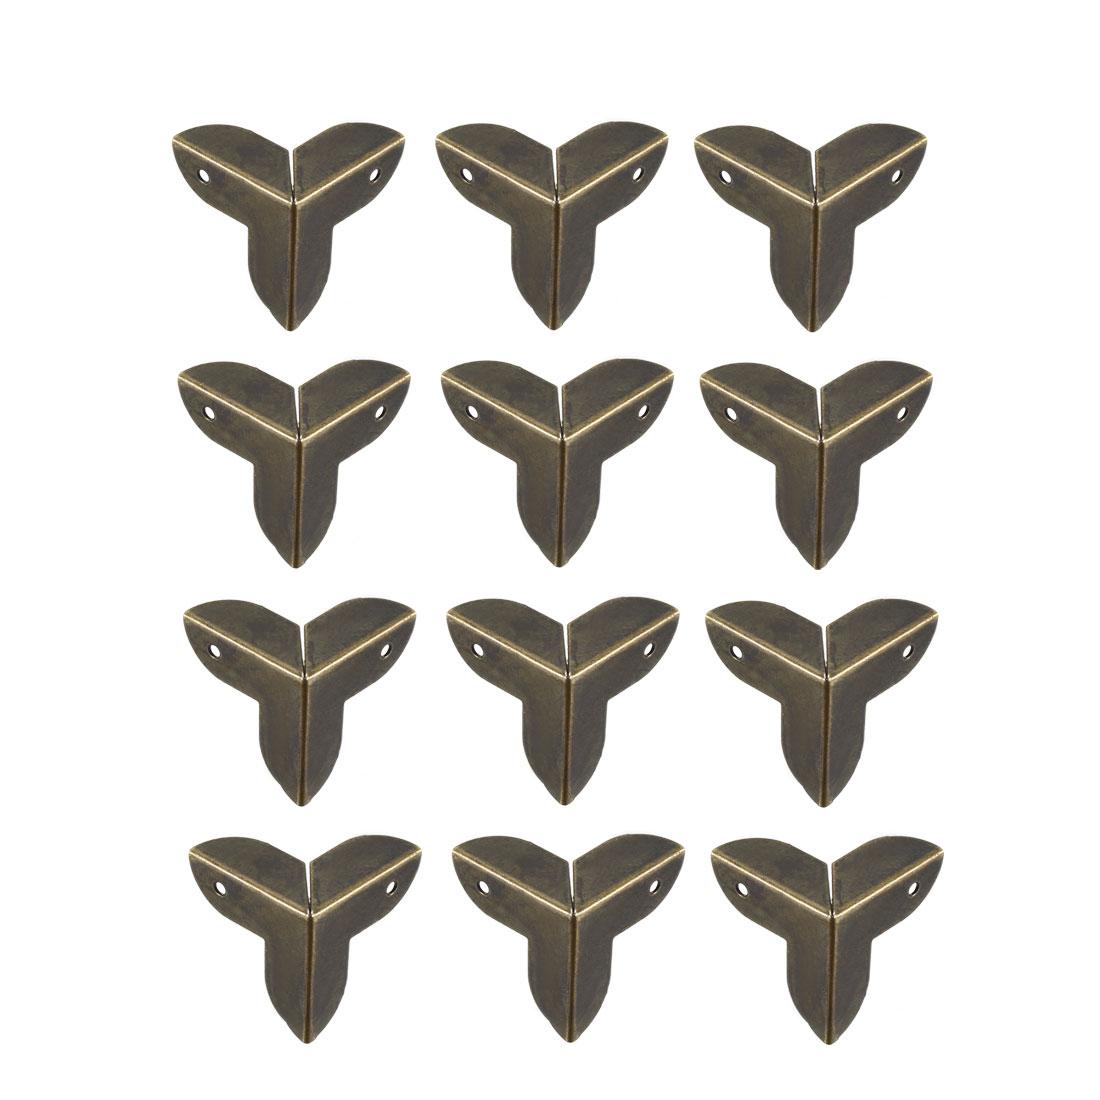 Metal Box Corner Protectors Edge Guard Protector 22x22x22mm Bronze Tone 12pcs